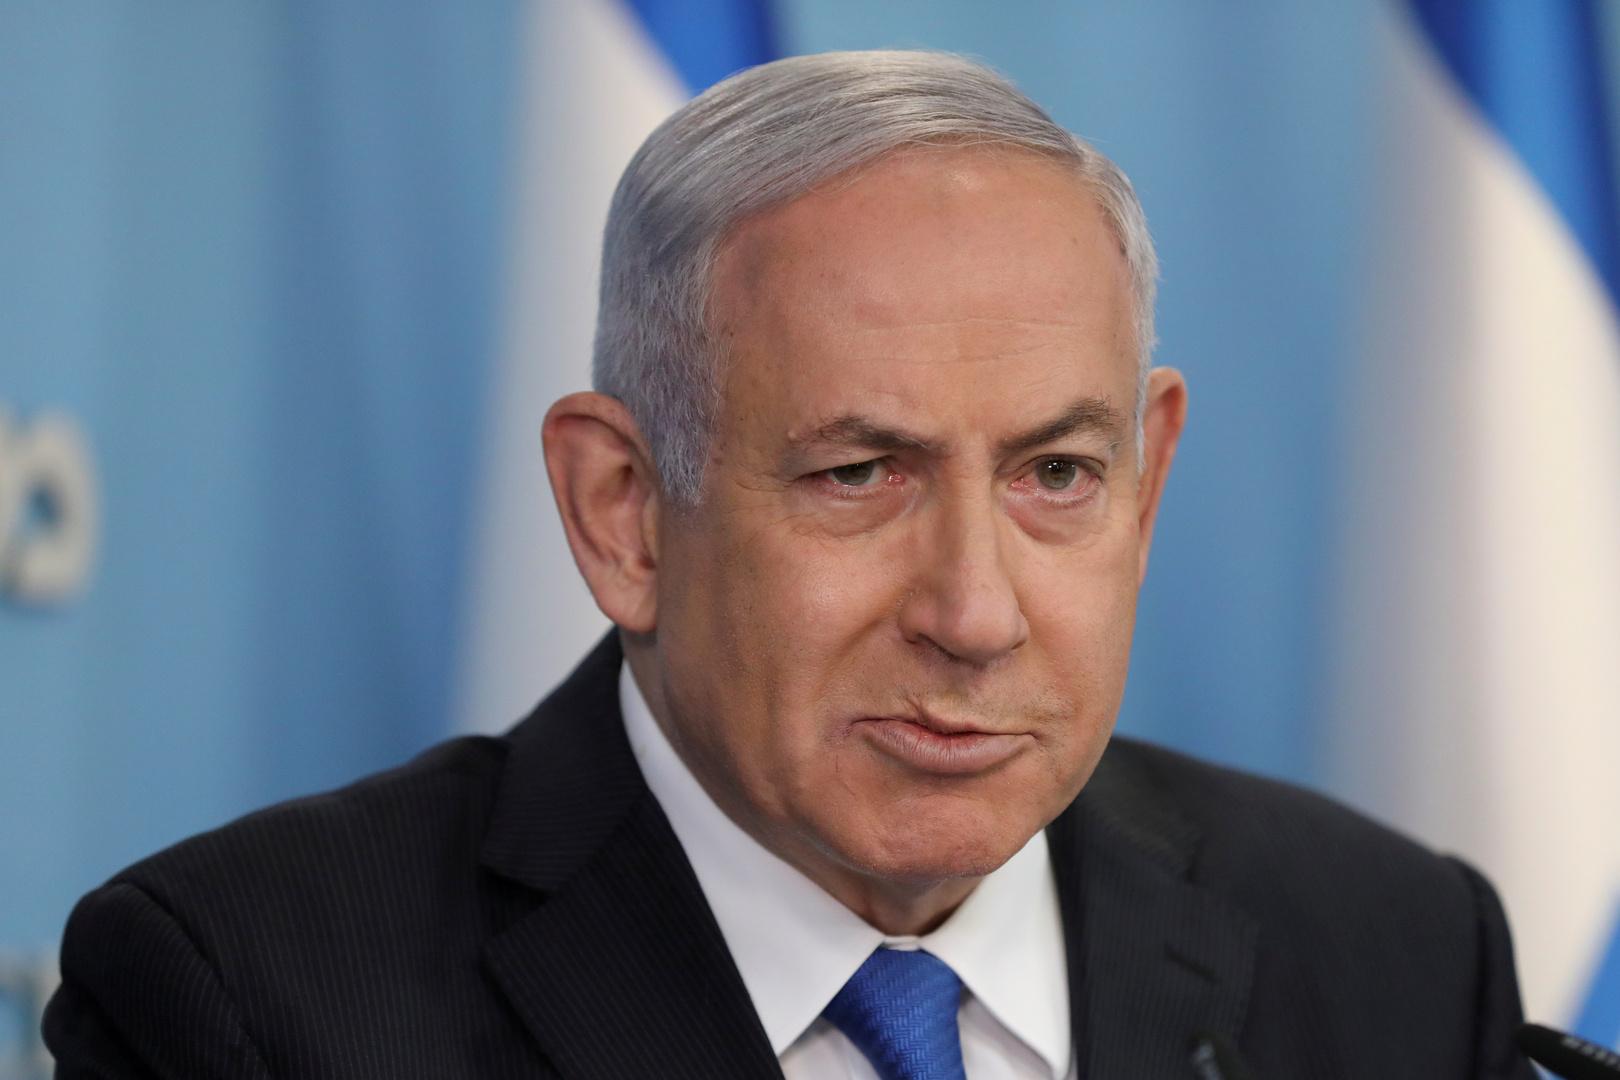 الحكومة الإسرائيلية تدرس تخفيض رواتب المسؤولين الكبار بمن فيهم نتنياهو